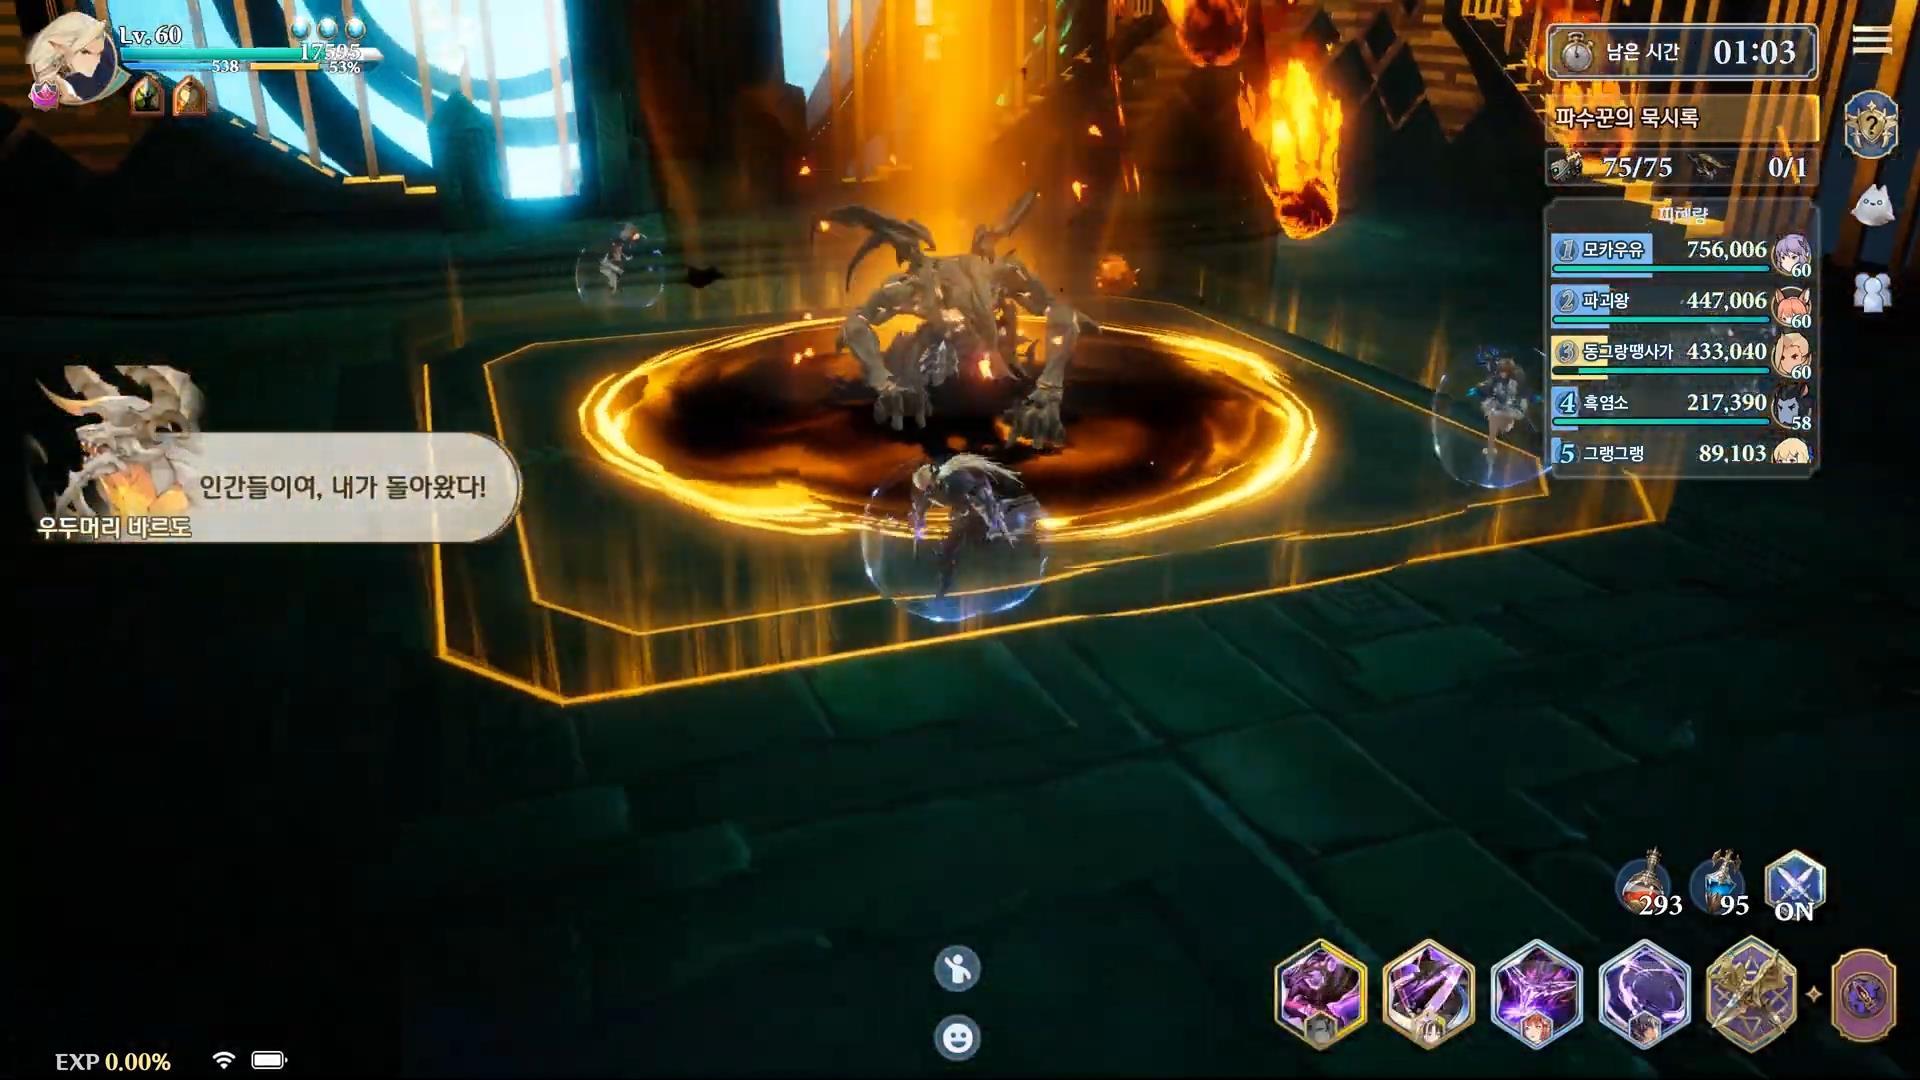 韩国MMORPG《Gran Saga》新预告 1月26日上市 第4张